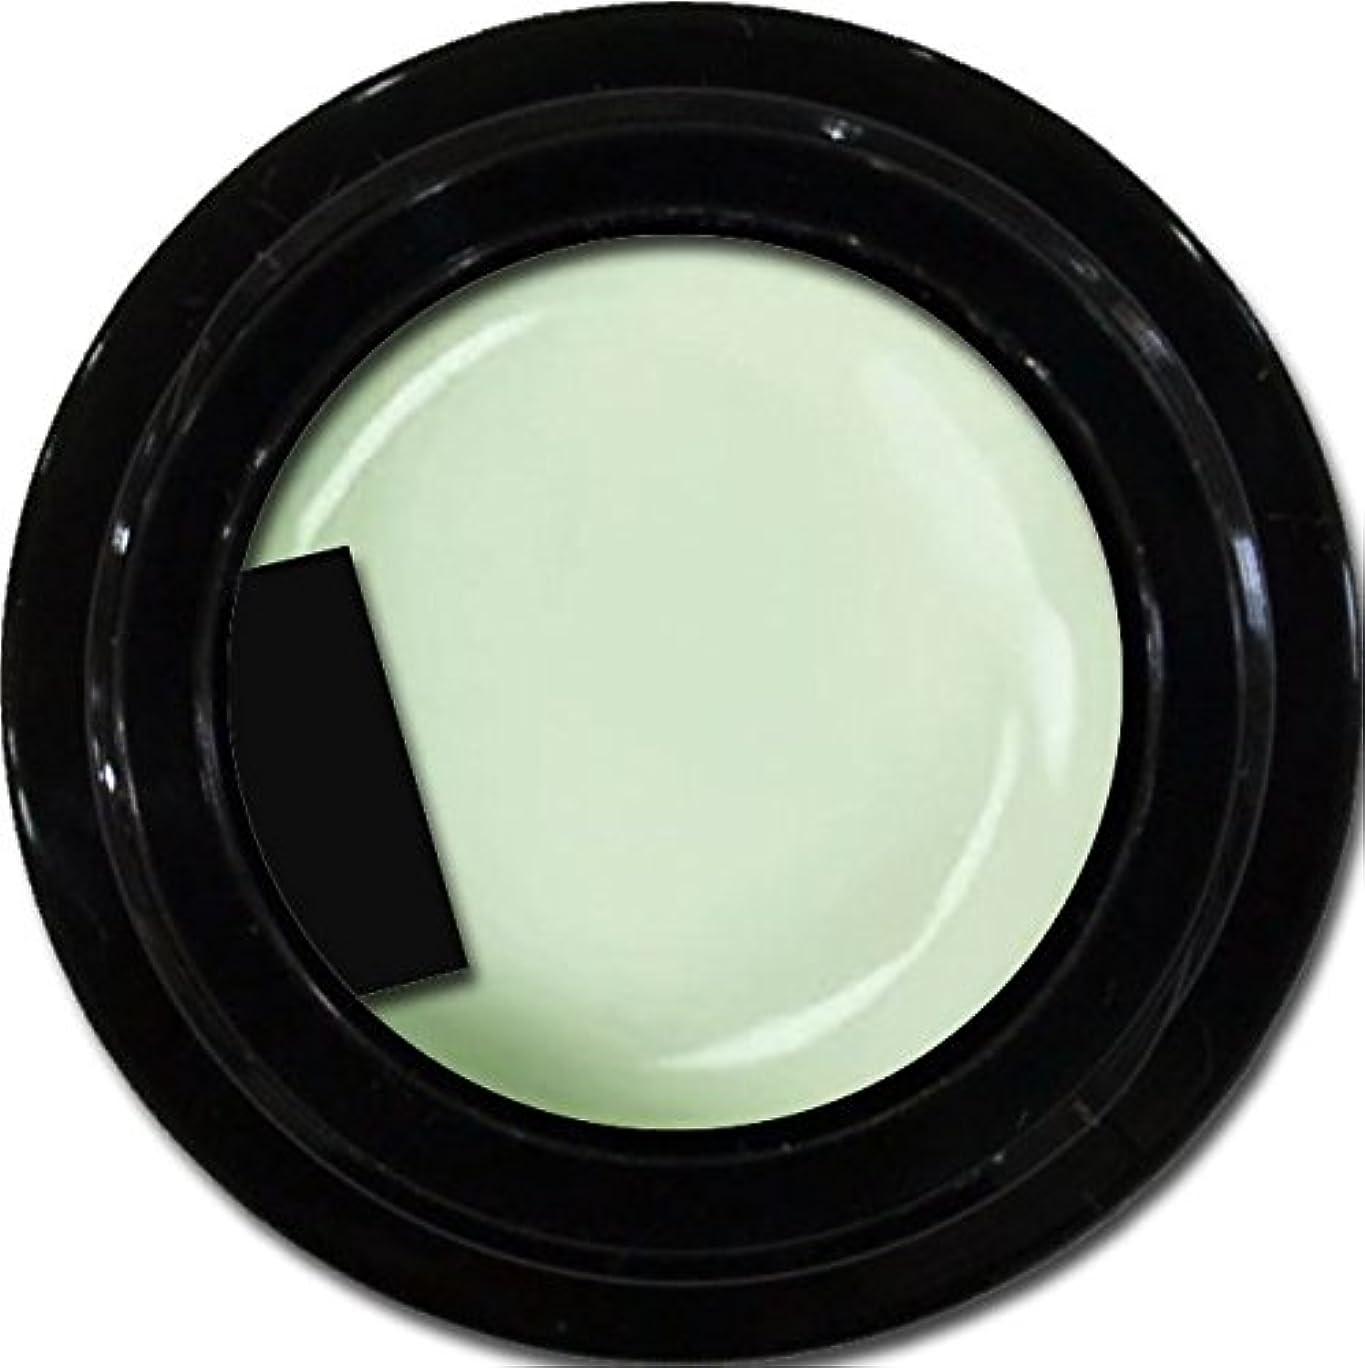 アームストロング陽気な脇にカラージェル enchant color gel M710 Pistachio 3g/ マットカラージェル M710 ピスタチオ 3グラム